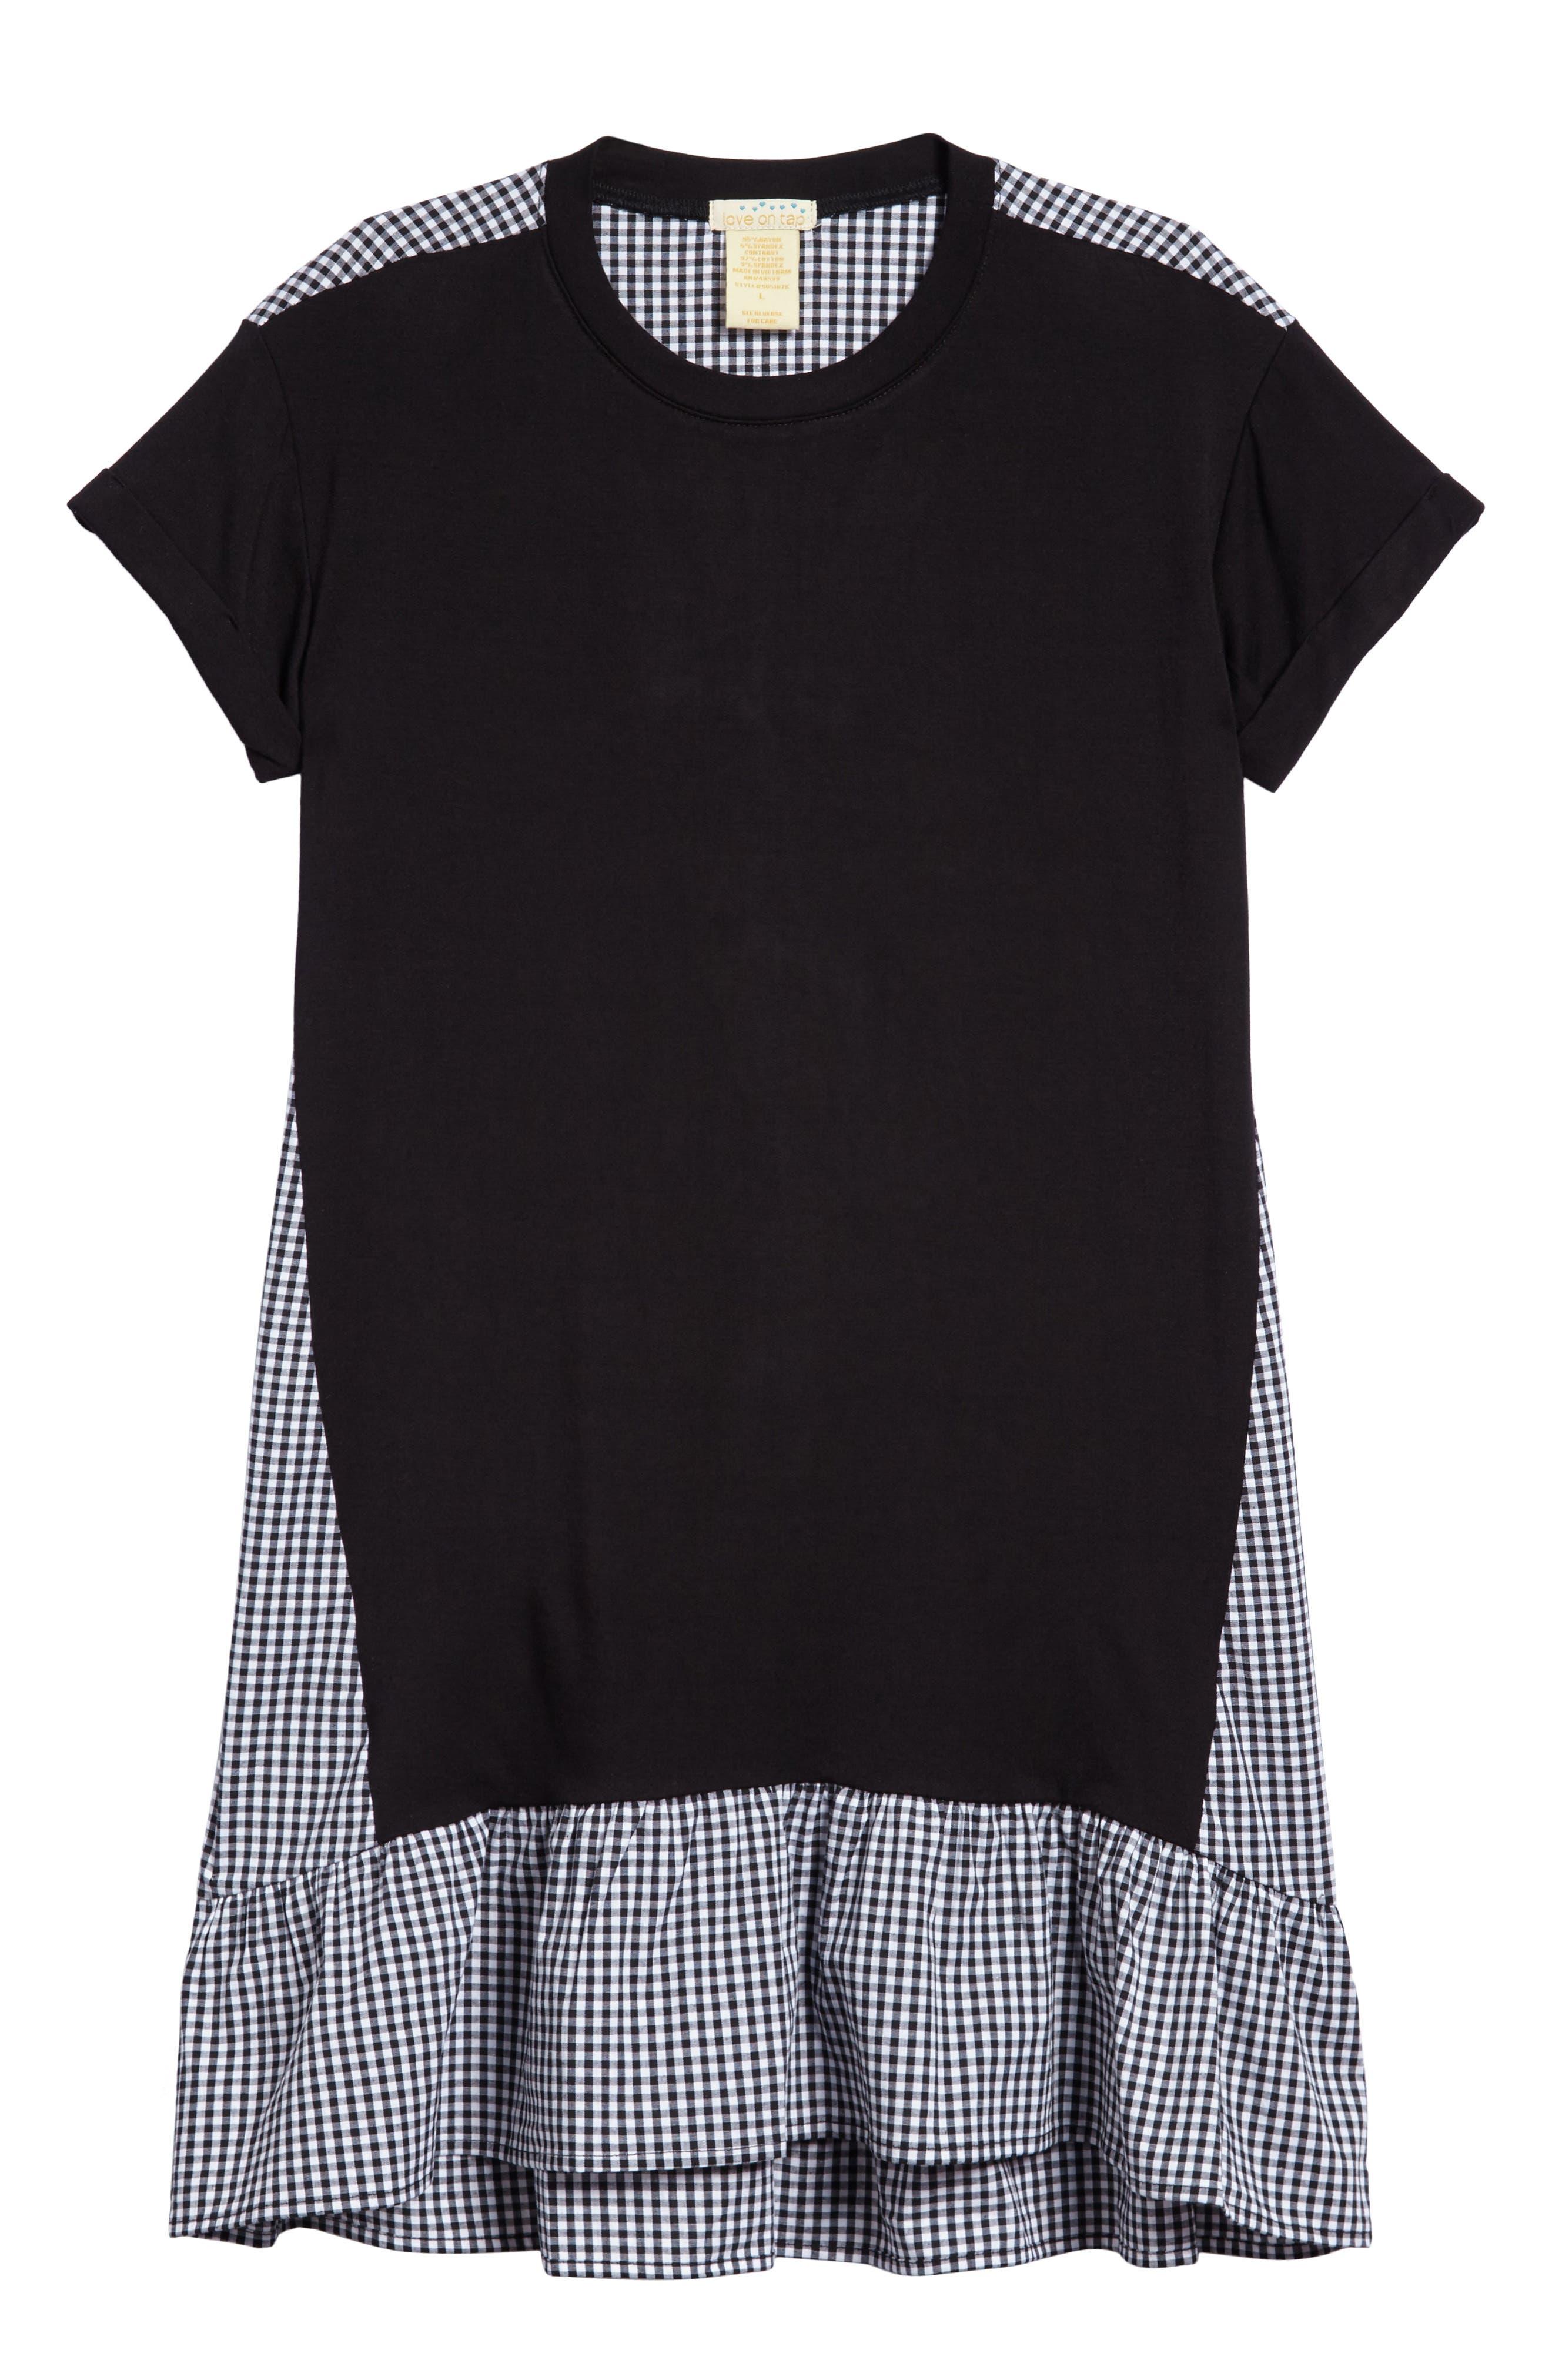 T-Shirt Dress,                         Main,                         color, Blk/ White